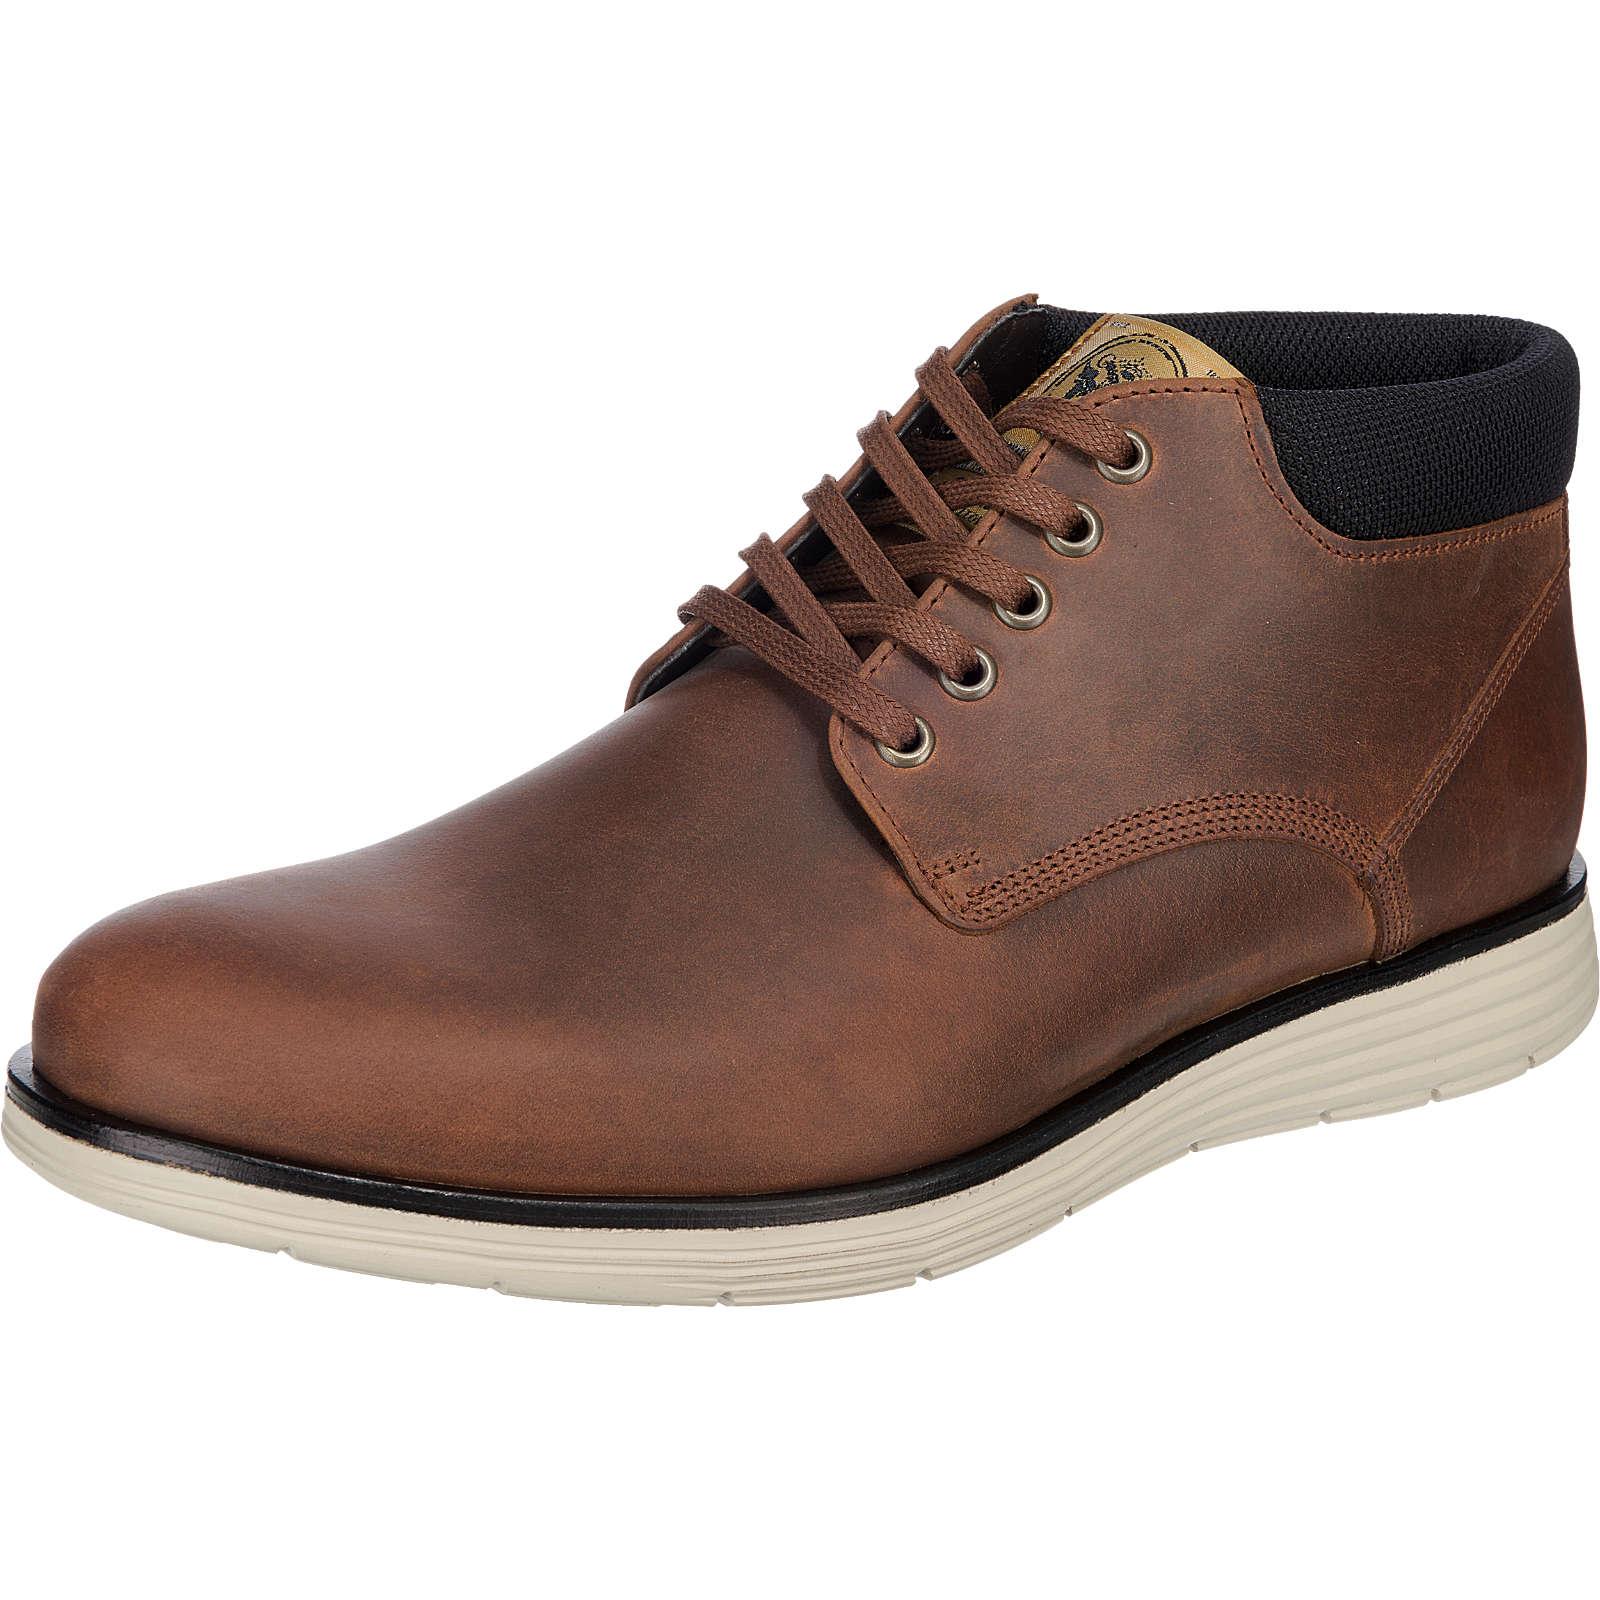 LLOYD Bernie Sneakers braun Herren Gr. 40,5